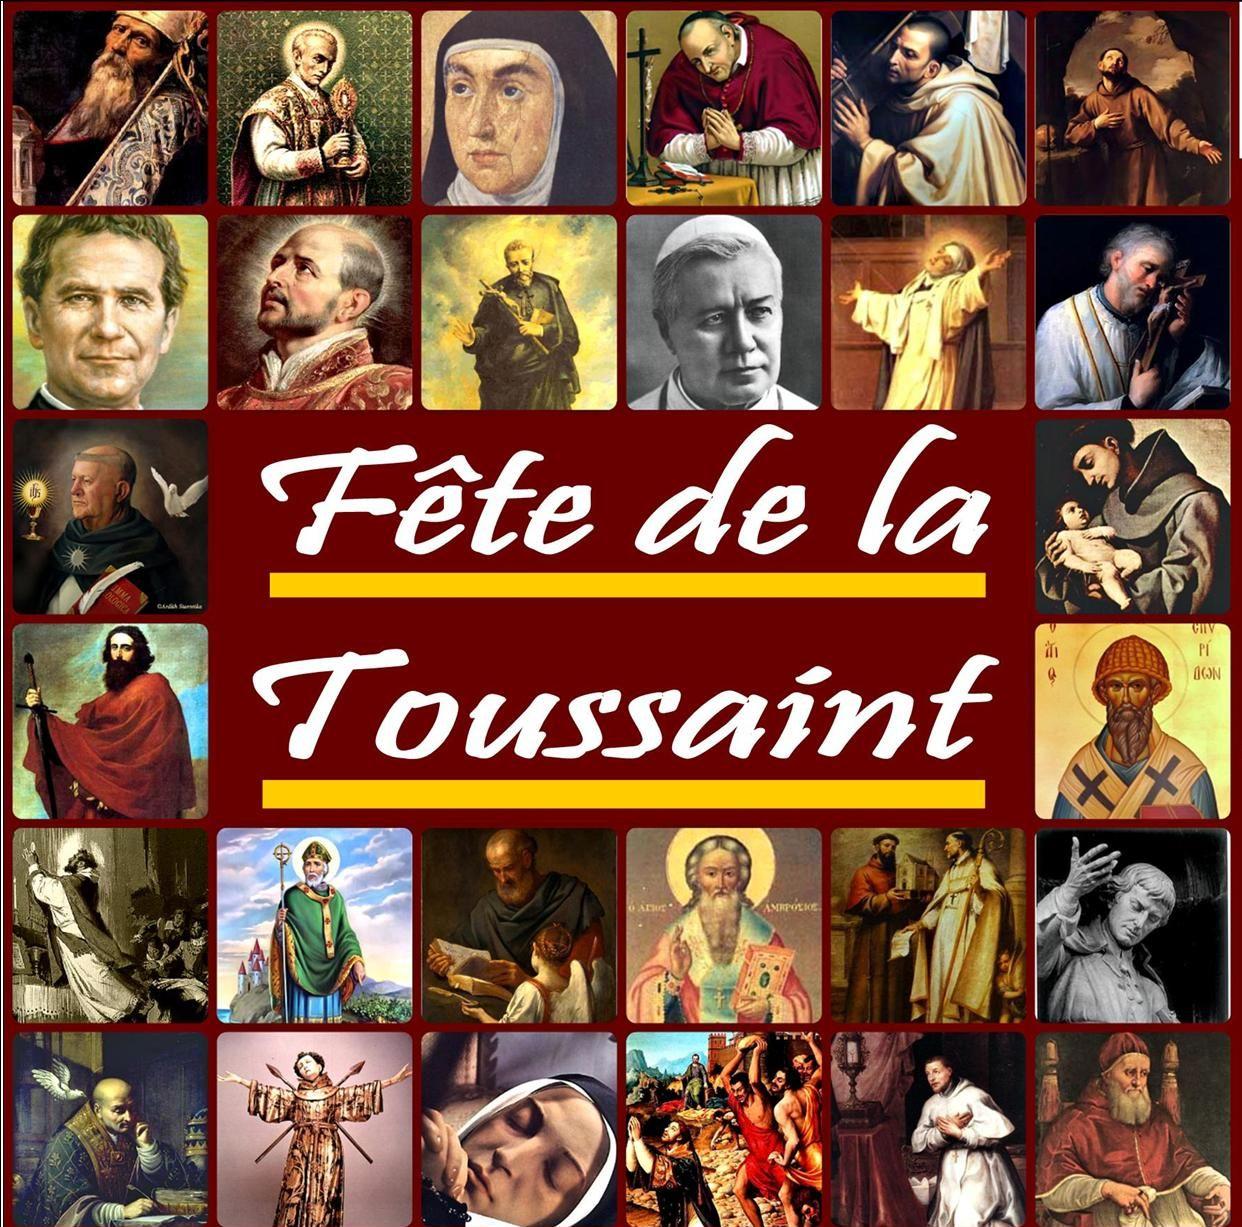 Horaires des messes de la Toussaint sur le diocèse, des messes pour les défunts, des bénédictions aux cimetières